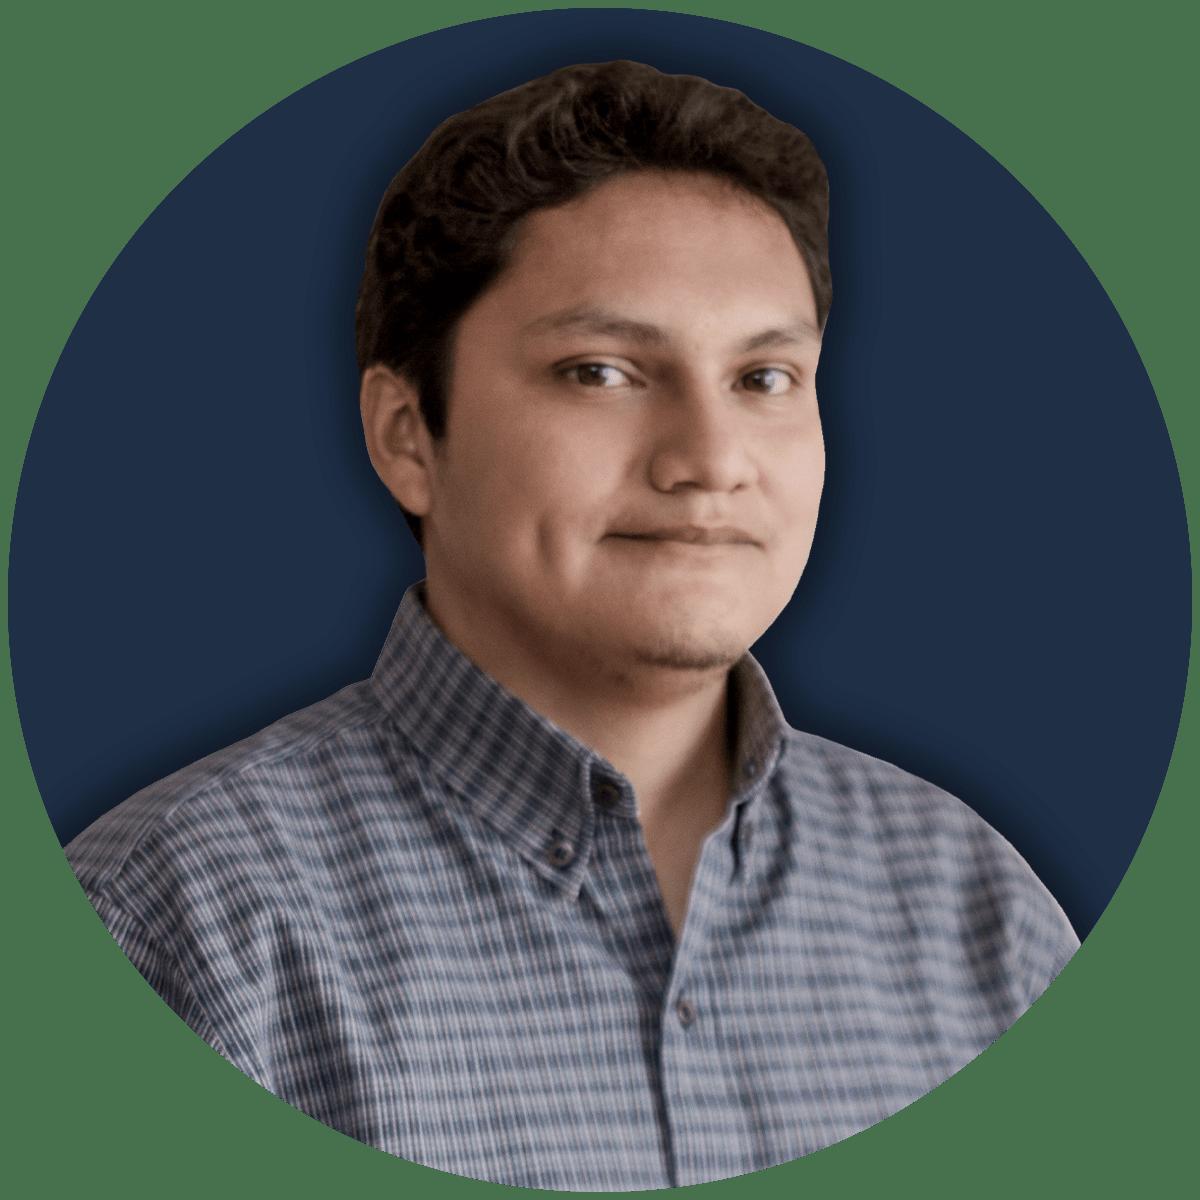 Cesar Vargas Peliculas y Series Vision Geek